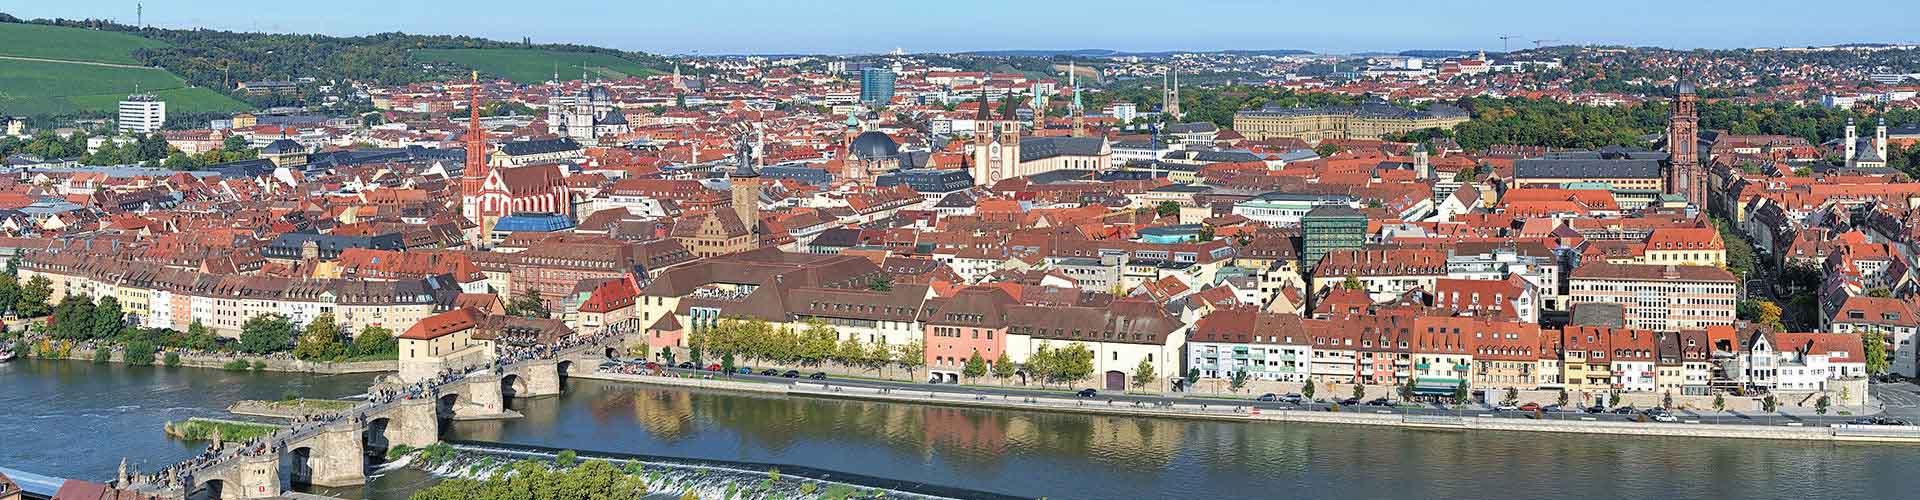 Wuerzburg - Albergues em Wuerzburg. Mapas para Wuerzburg, Fotos e Avaliações para cada Albergue em Wuerzburg.